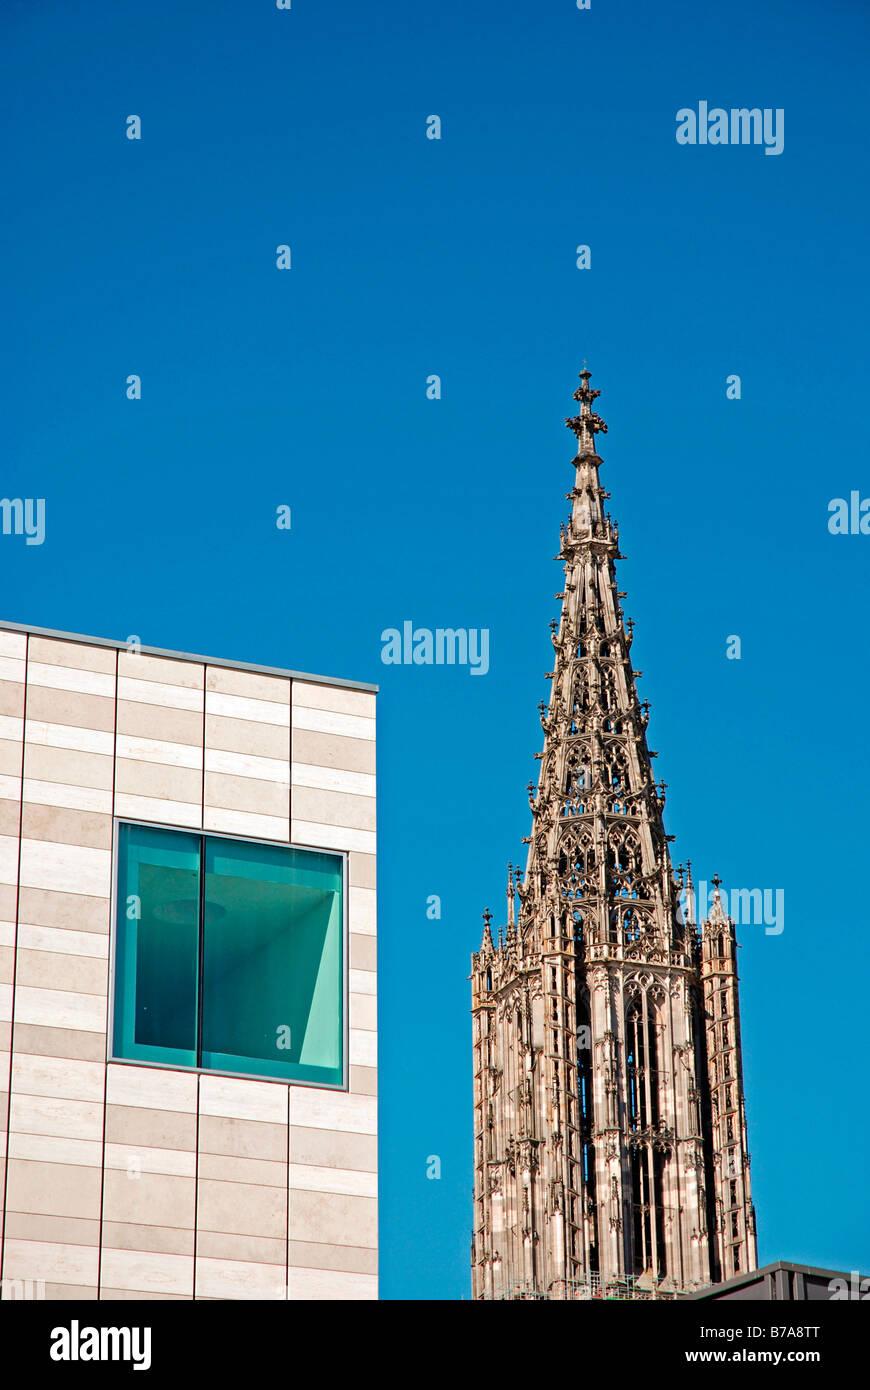 Weishaupt Assemblage et Ulmer Münster, Ulm, Bade-Wurtemberg, Allemagne, Europe Banque D'Images